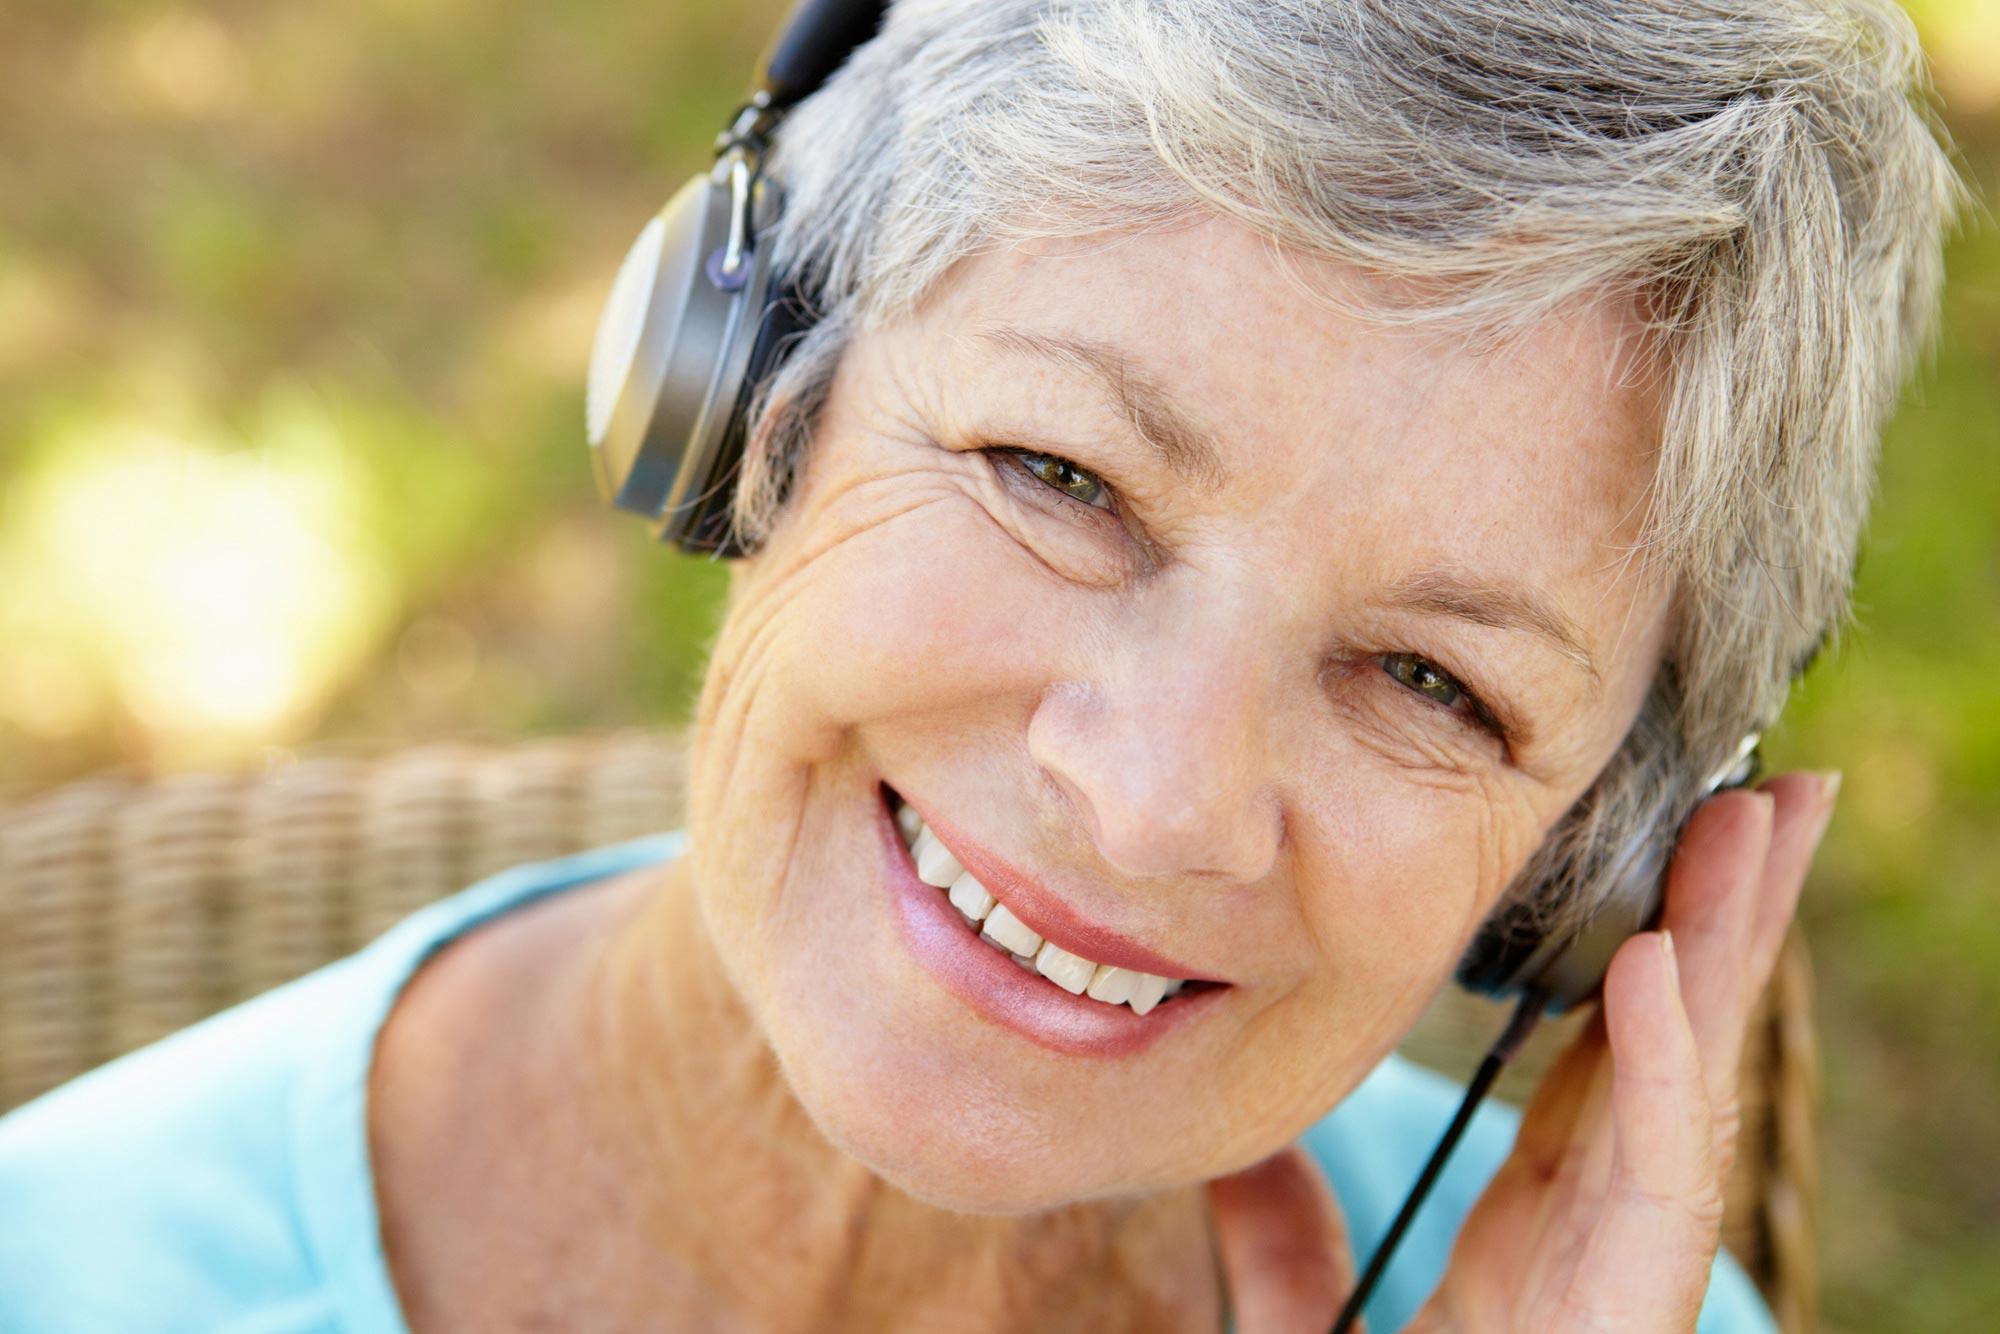 trilha-sonora-perda-auditiva